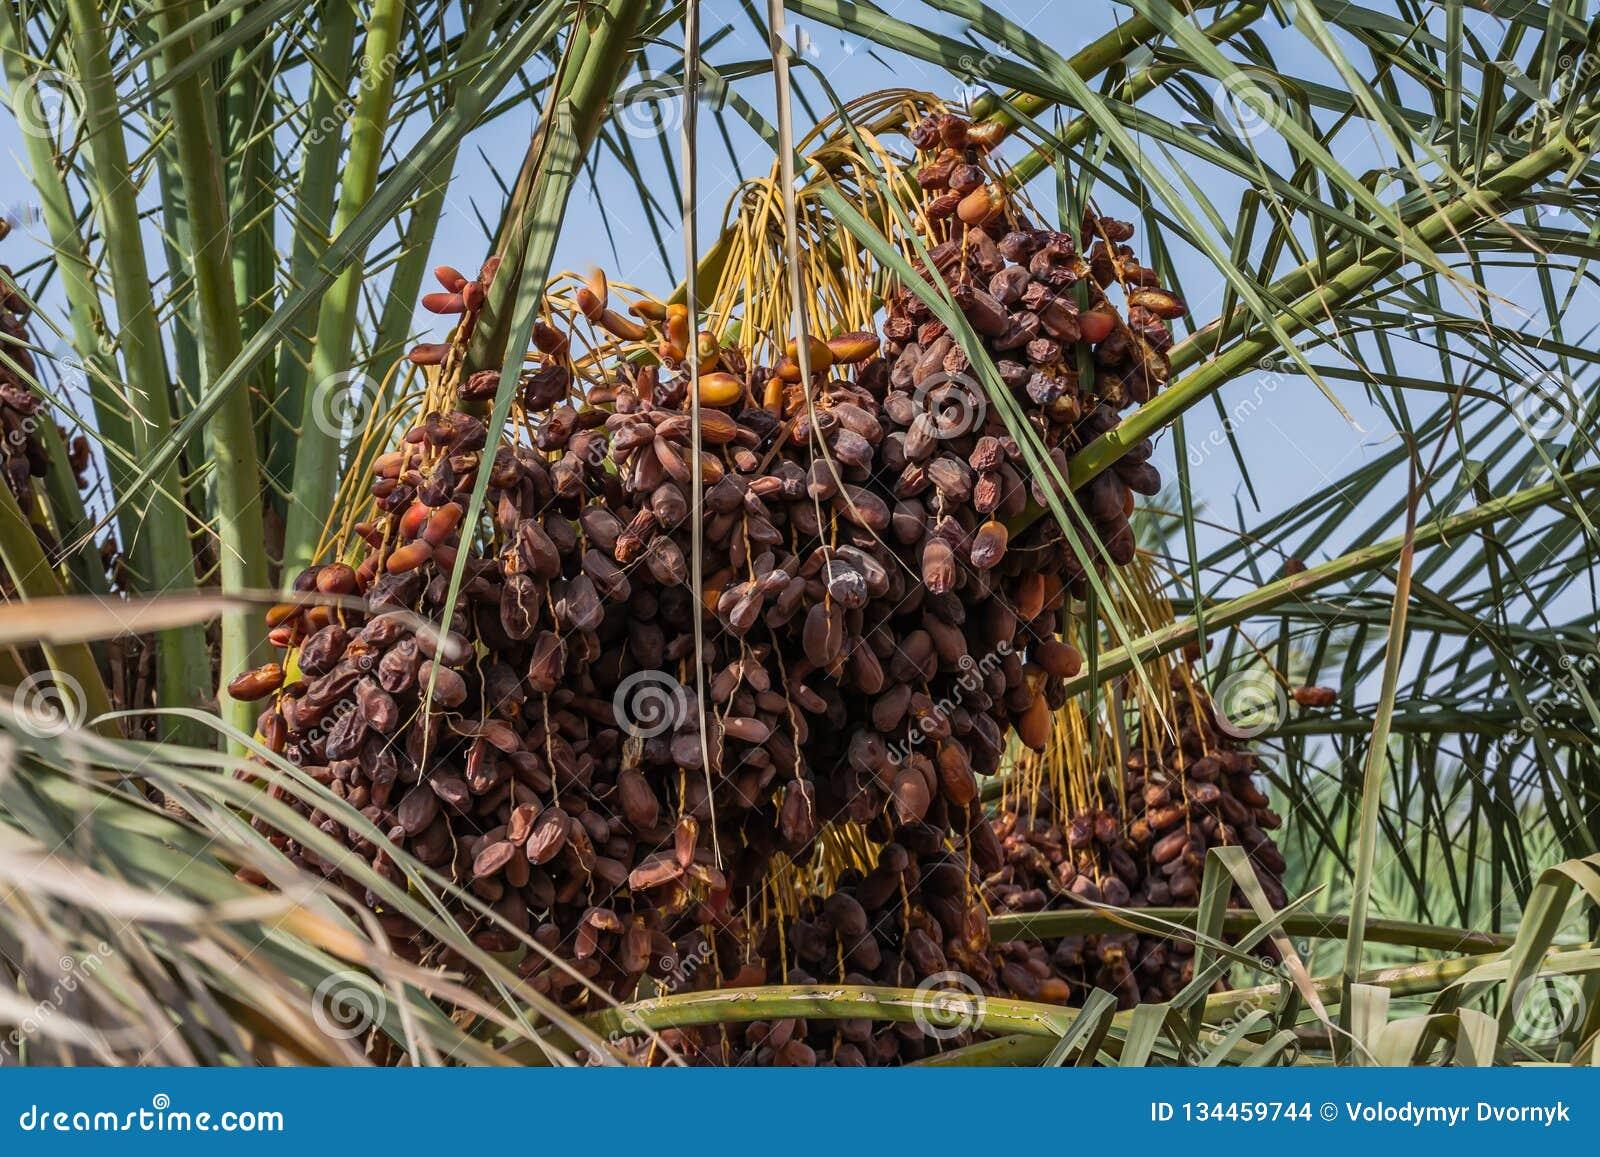 Les fruits d un palmier dattier